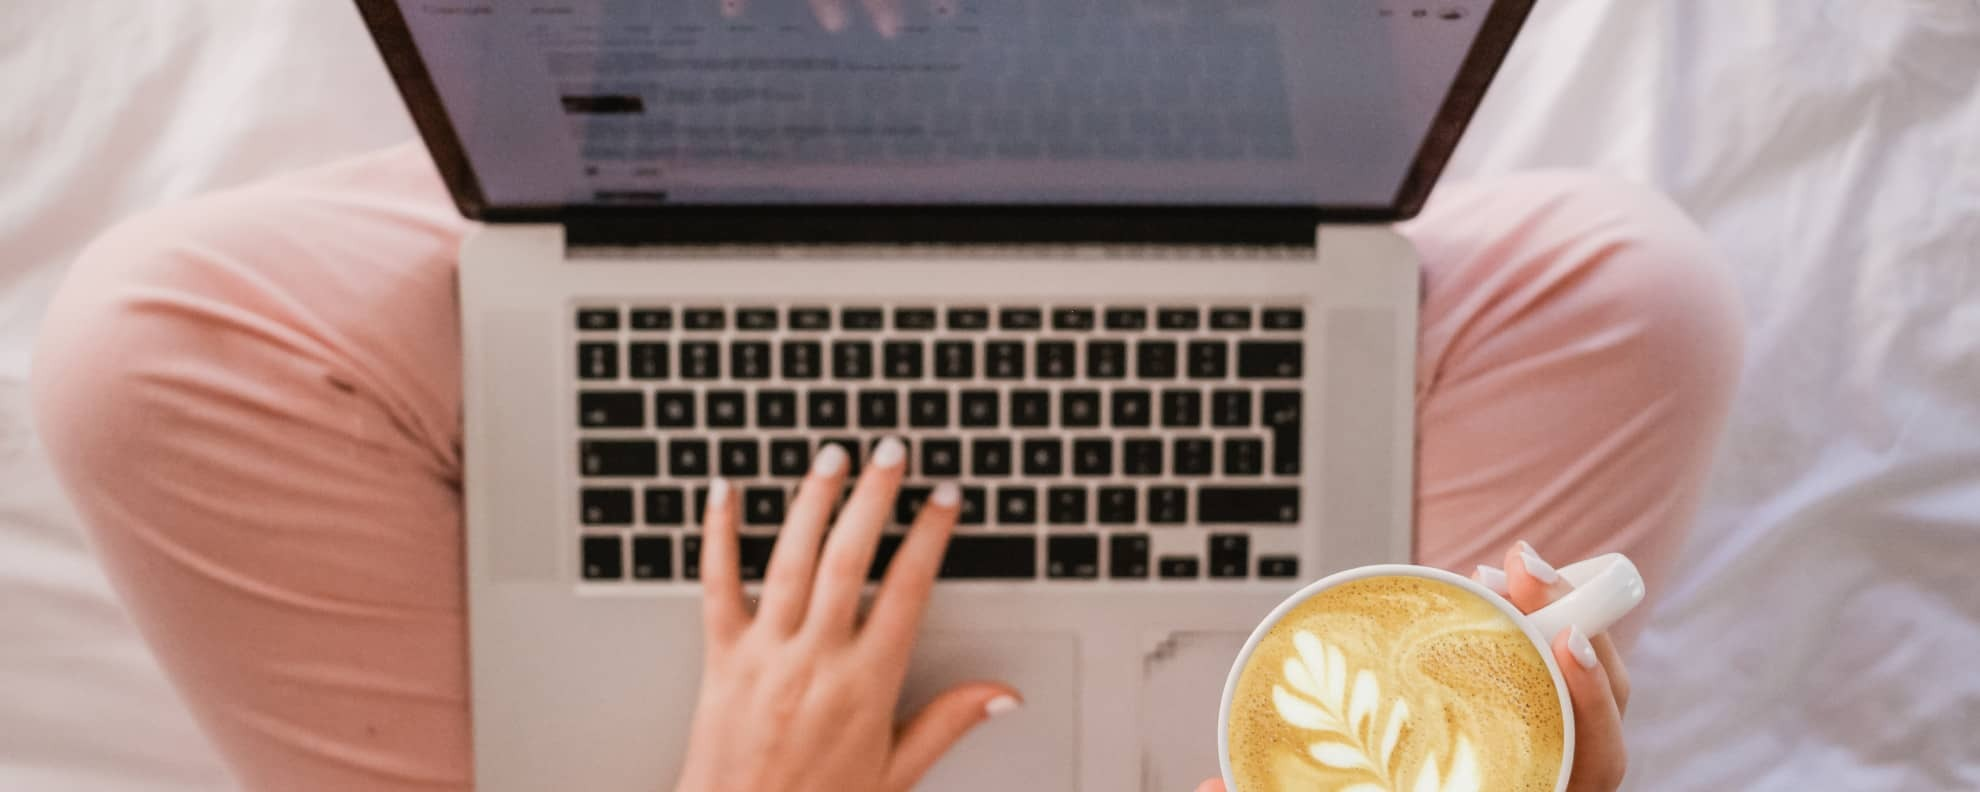 Blogger werden: Wie starte ich einen eigenen Blog?